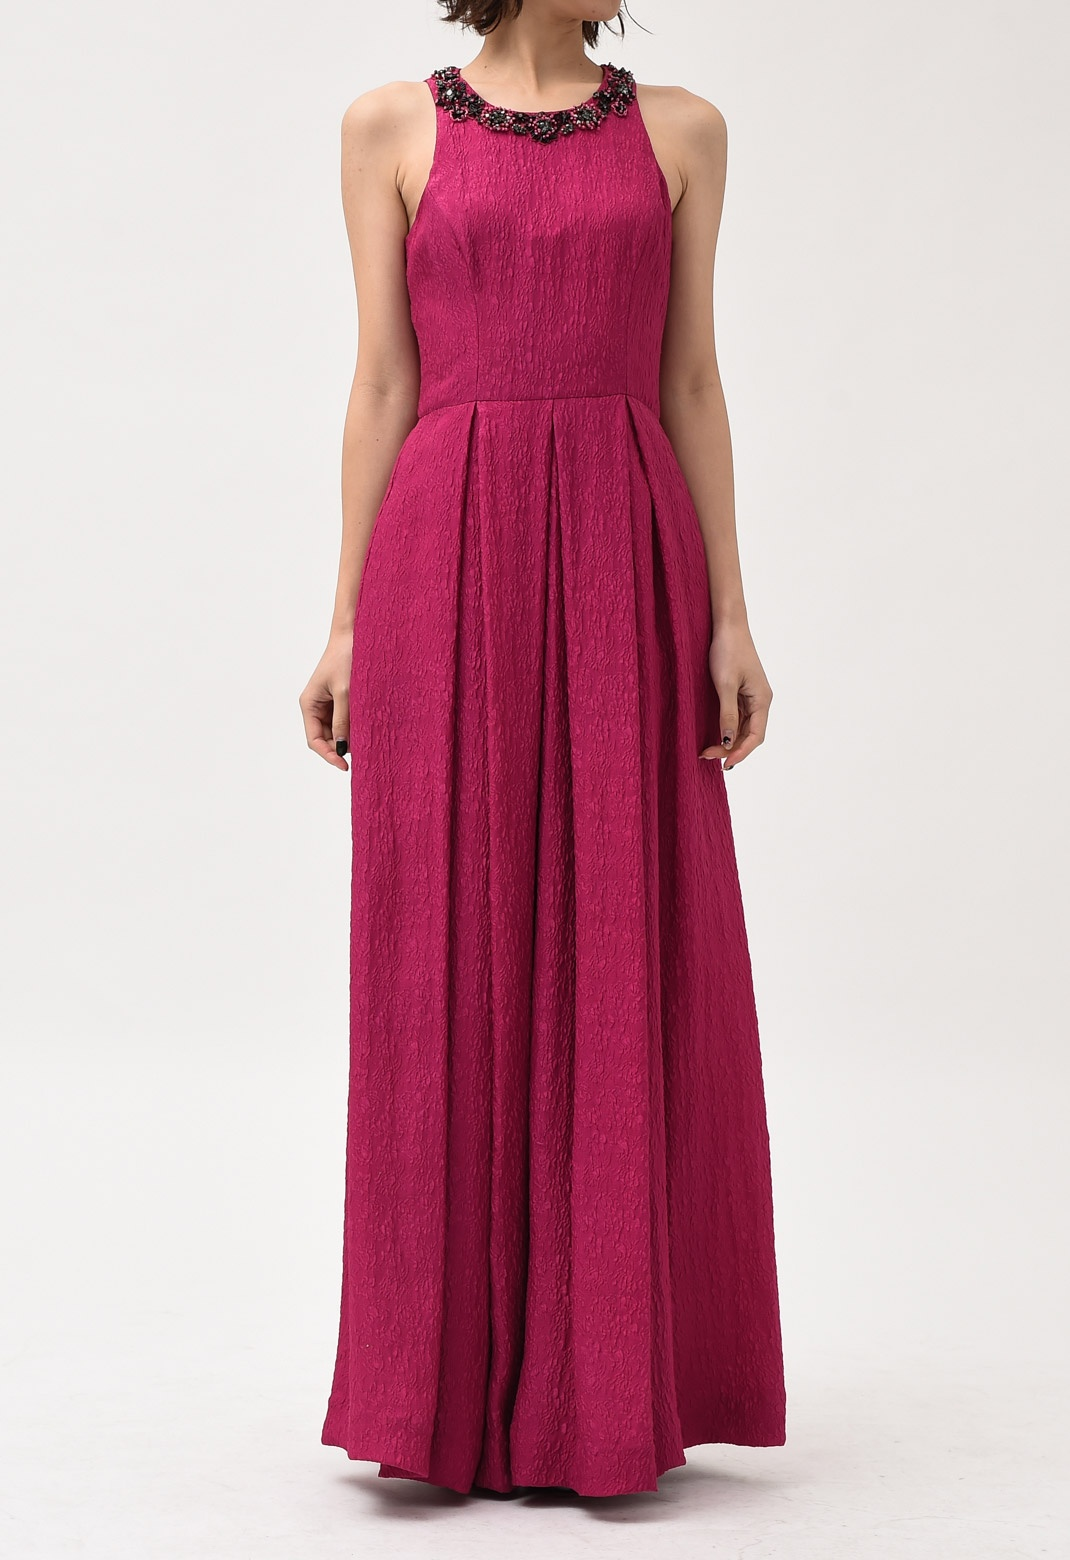 ネックビジュー飾り シルク混 ロング ドレス